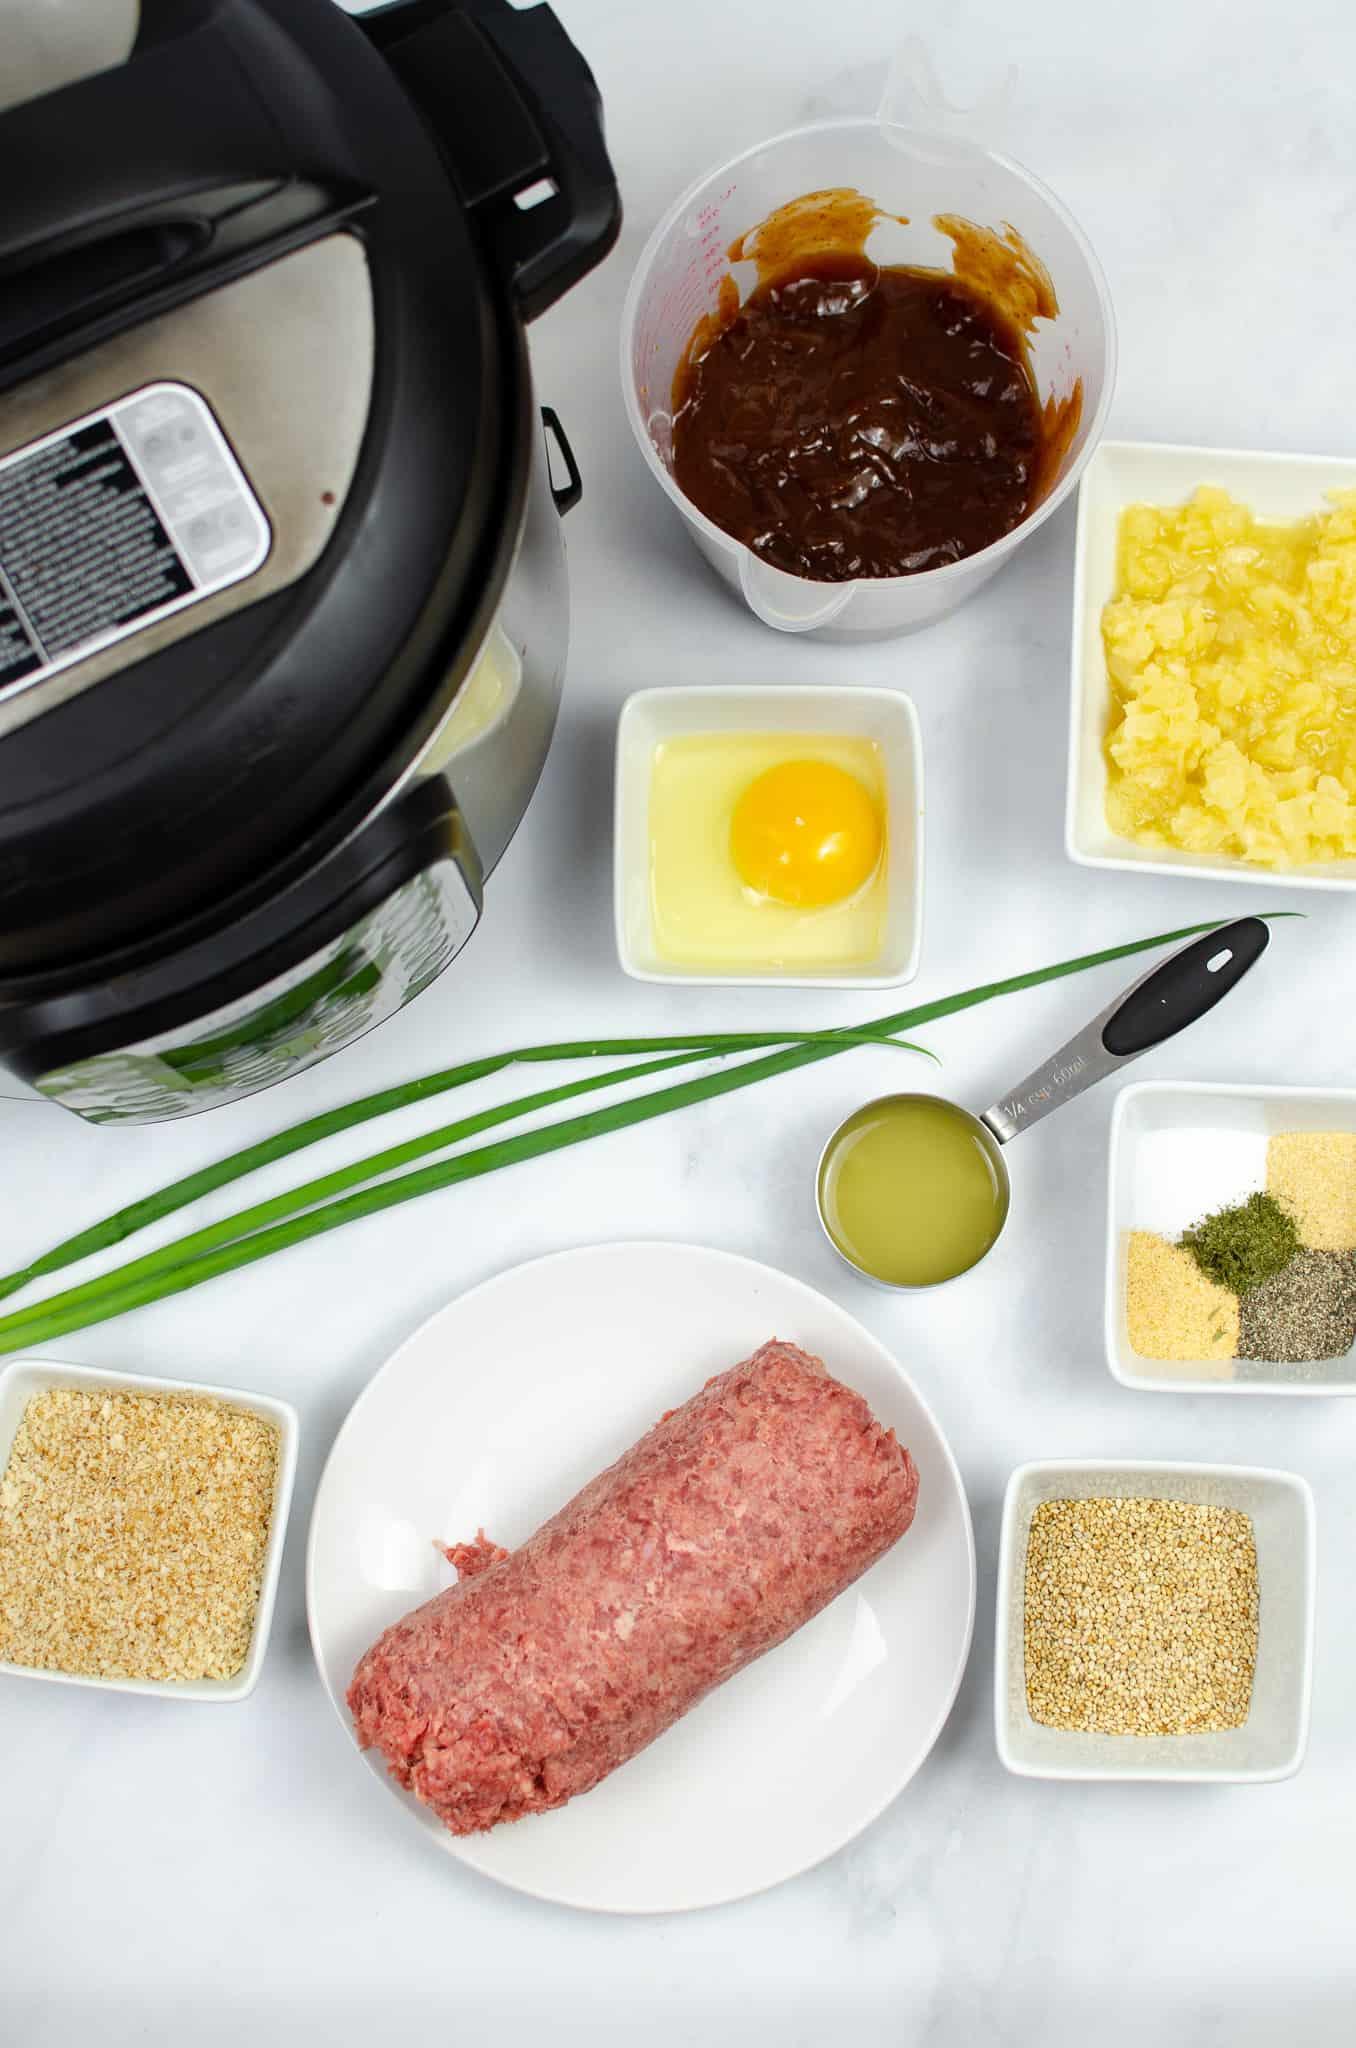 Ingredients for Instant Pot Hawaiian Meatballs